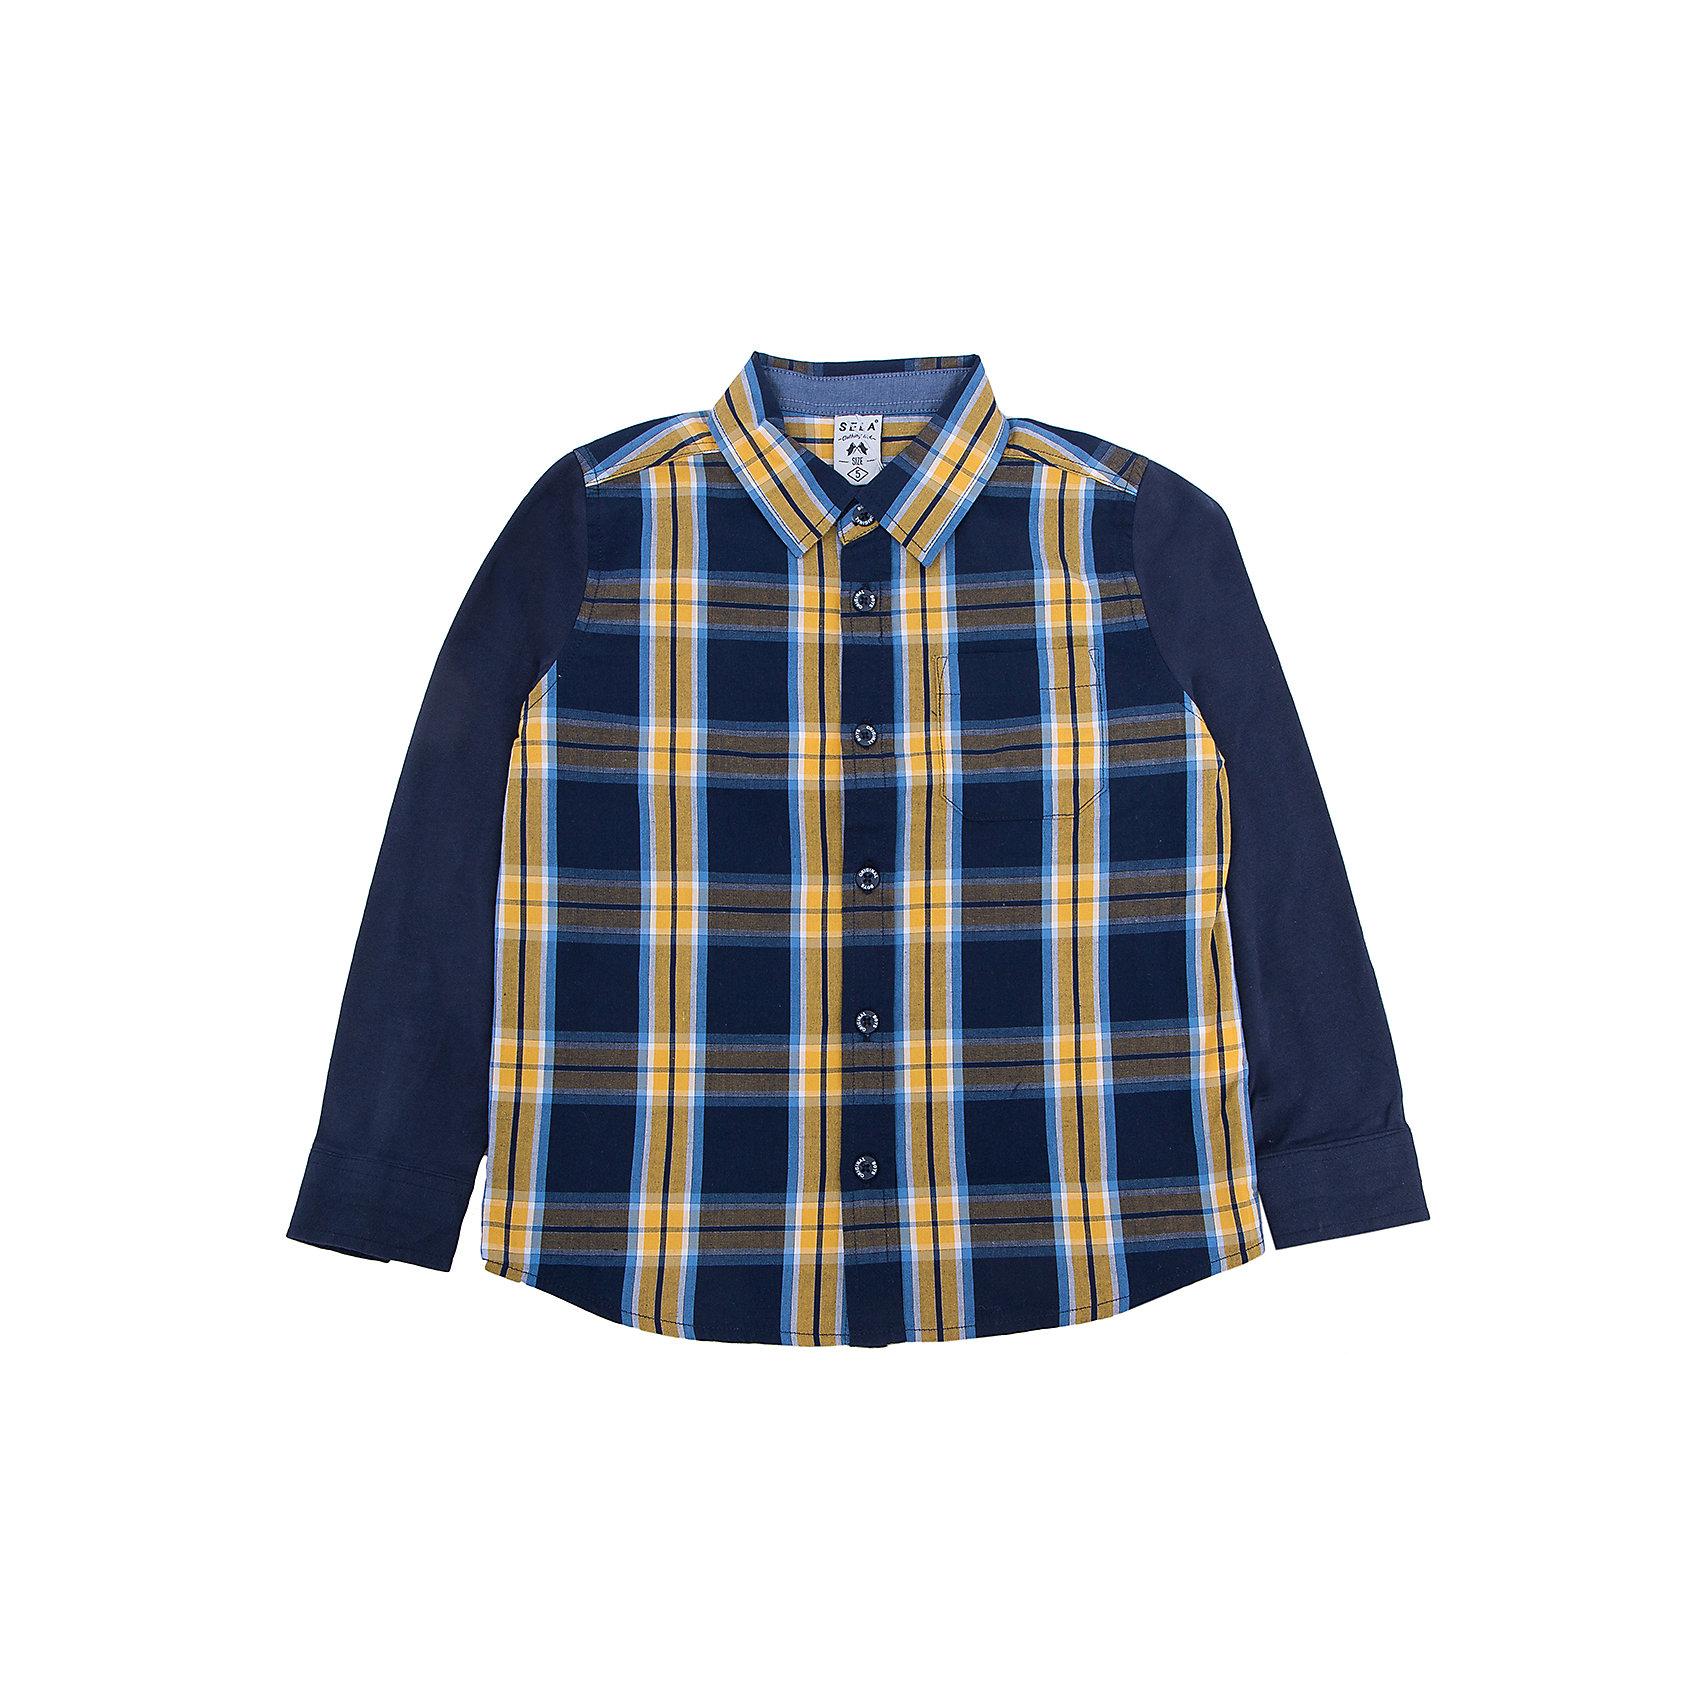 Рубашка для мальчика SELAУдобная рубашка - незаменимая вещь в гардеробе школьников. Эта модель отлично сидит на ребенке, она сделана из приятного на ощупь материала, мягкая и дышащая. Натуральный хлопок в составе ткани не вызывает аллергии и обеспечивает ребенку комфорт. Модель станет отличной базовой вещью, которая будет уместна в различных сочетаниях.<br>Одежда от бренда Sela (Села) - это качество по приемлемым ценам. Многие российские родители уже оценили преимущества продукции этой компании и всё чаще приобретают одежду и аксессуары Sela.<br><br>Дополнительная информация:<br><br>цвет: разноцветный;<br>материал: 100 % хлопок;<br>рукава длинные;<br>застежки - пуговицы.<br><br>Рубашку для мальчика от бренда Sela можно купить в нашем интернет-магазине.<br><br>Ширина мм: 174<br>Глубина мм: 10<br>Высота мм: 169<br>Вес г: 157<br>Цвет: синий<br>Возраст от месяцев: 18<br>Возраст до месяцев: 24<br>Пол: Мужской<br>Возраст: Детский<br>Размер: 104,116,92,98,110<br>SKU: 4913040